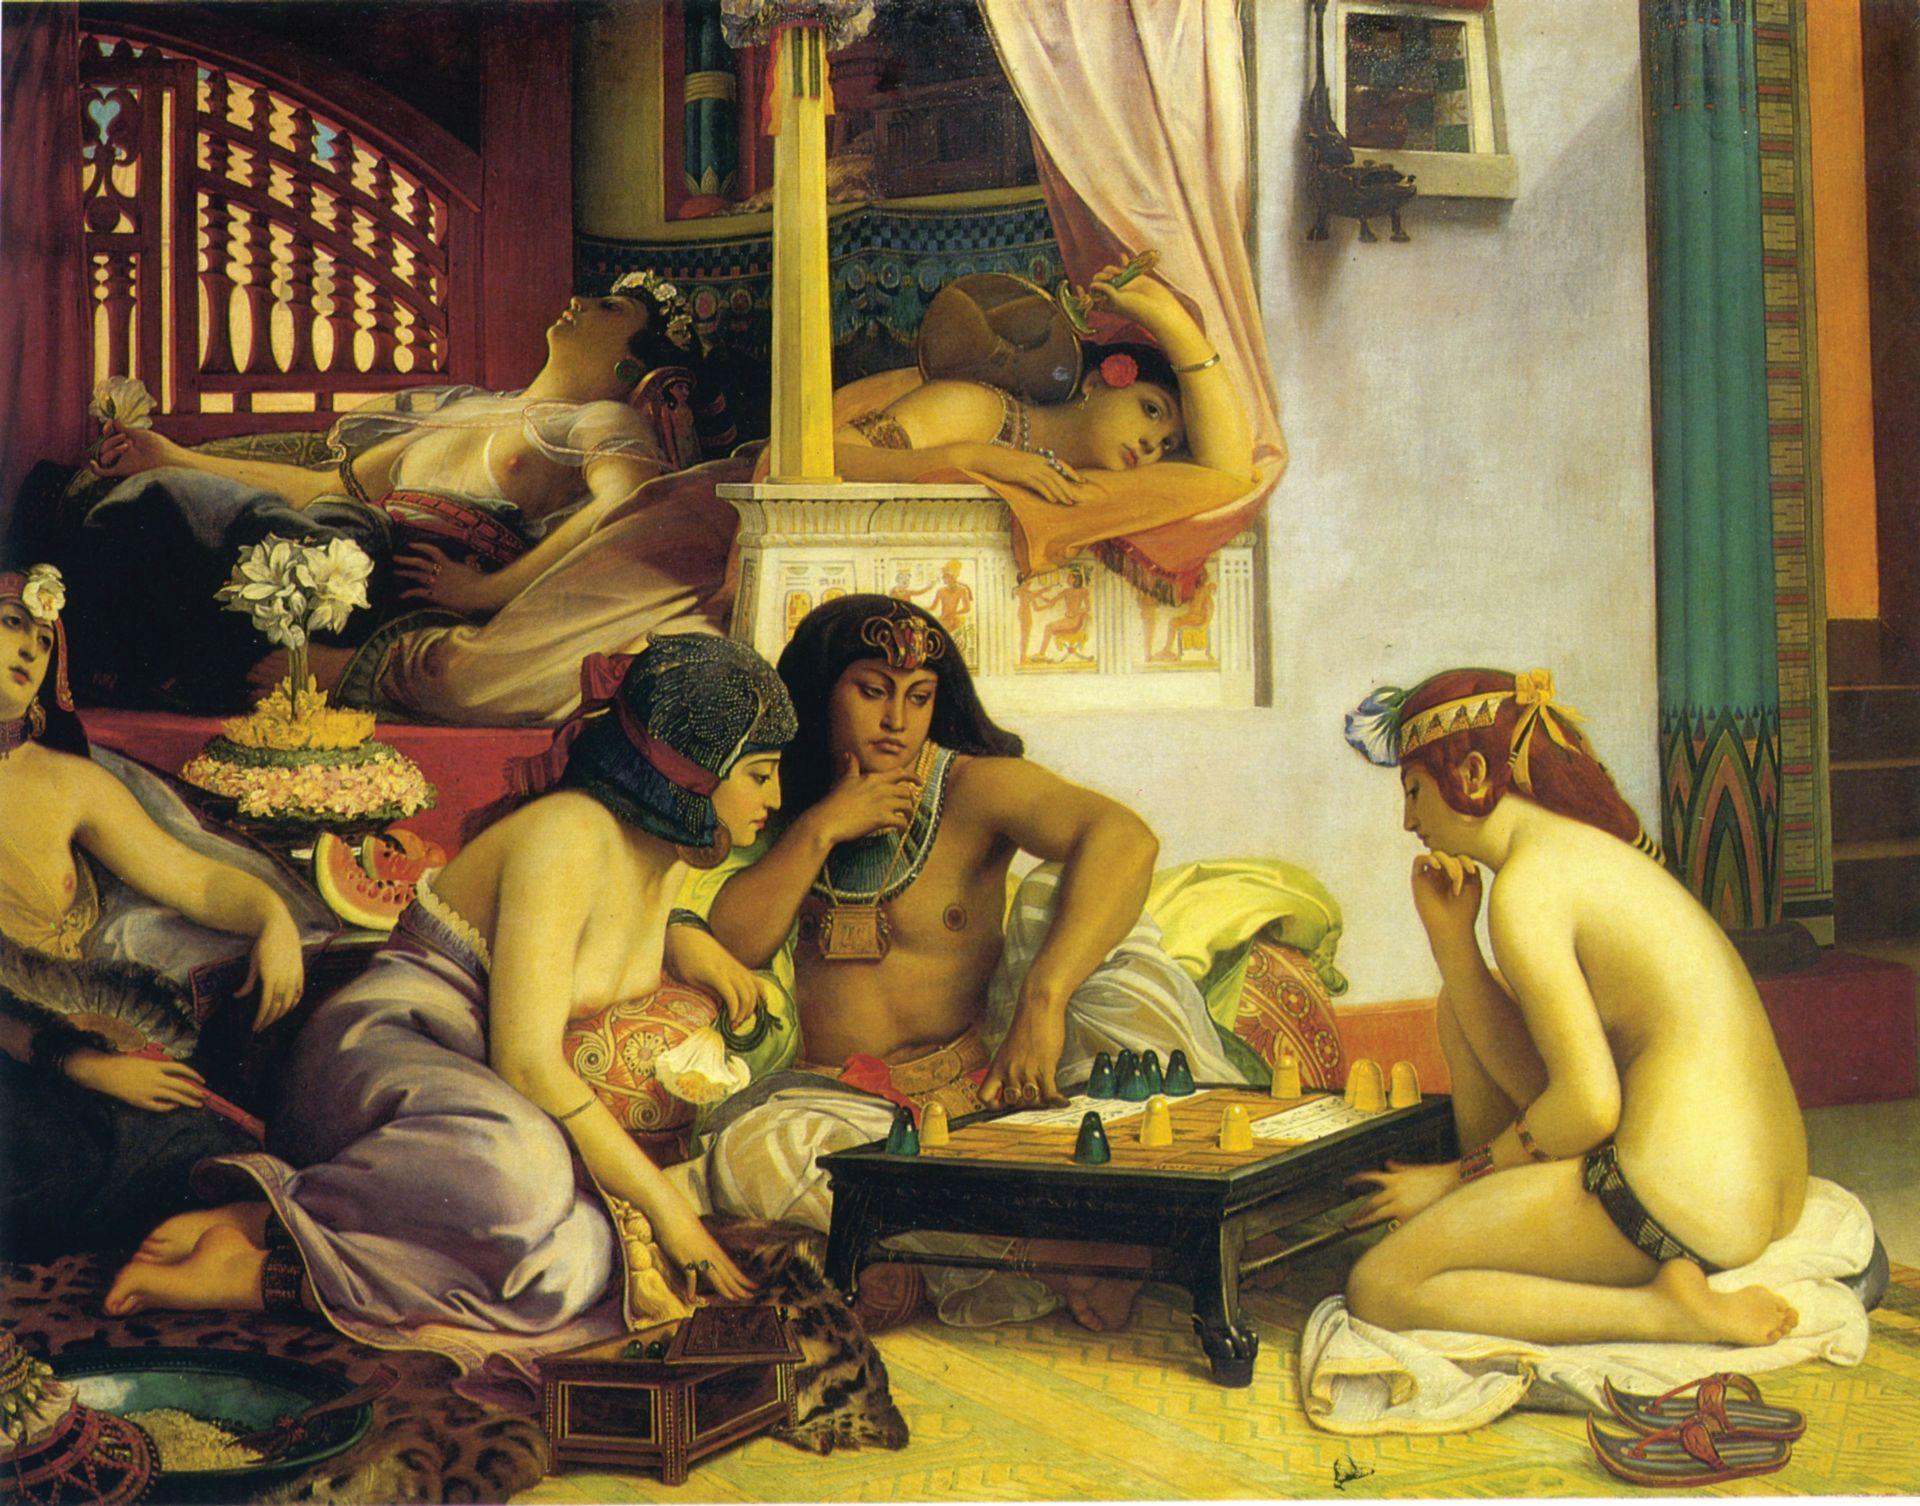 гаремные сексуальные развлечения шейхов наличии